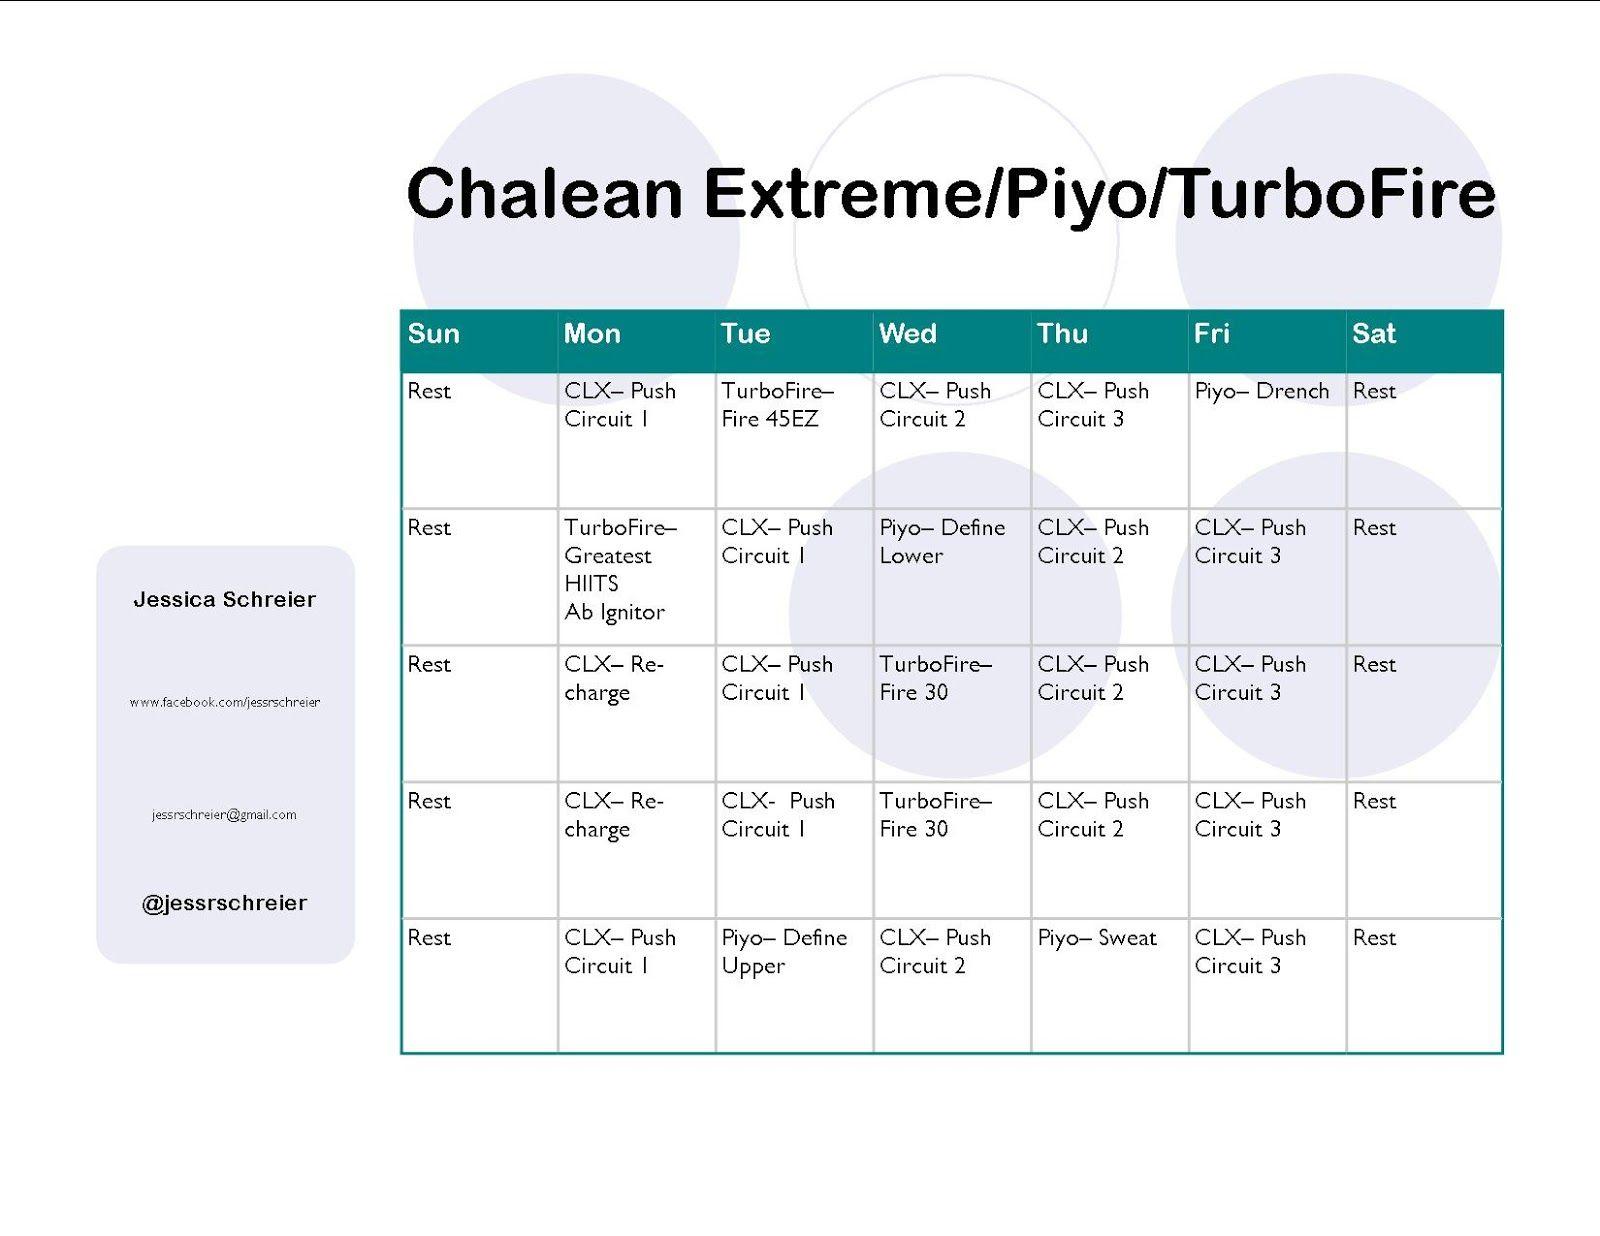 Chalean Extreme Turbofire Piyo Hybrid Schedule